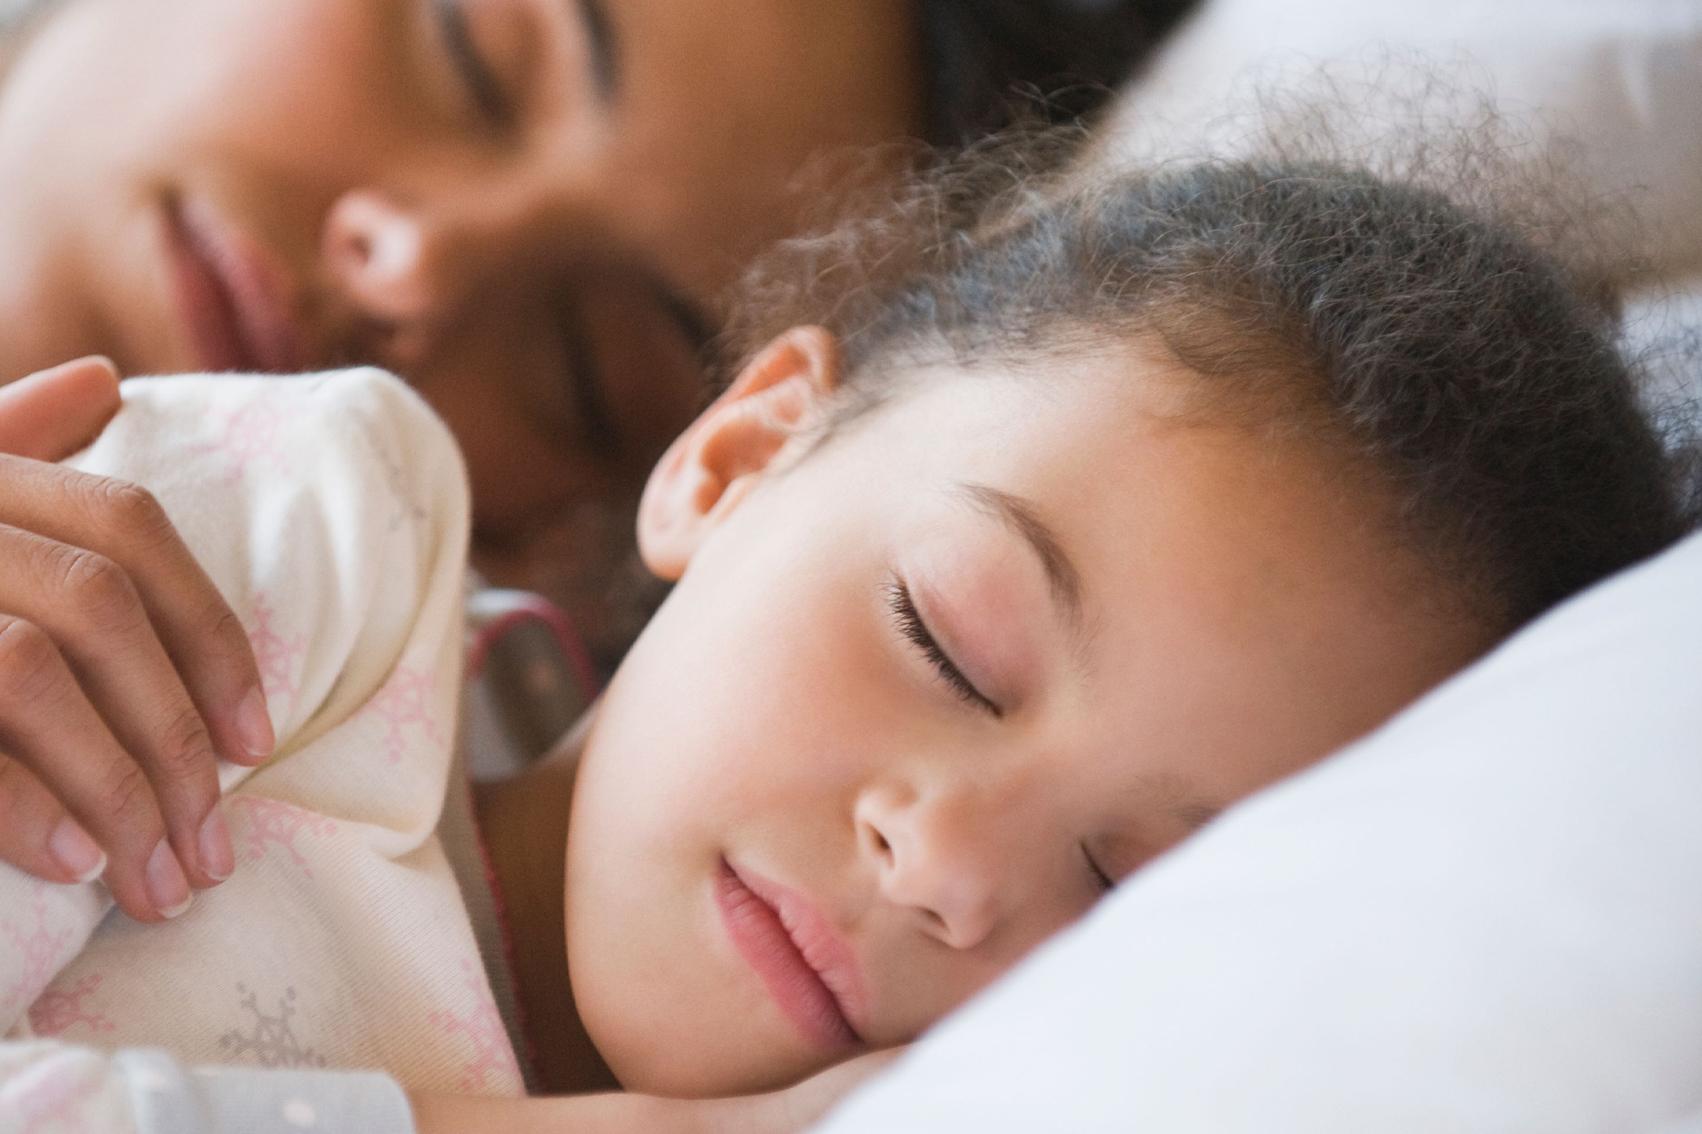 تحديد موعد ثابت لنوم الطفل يحسن سلوكه لاحقاً